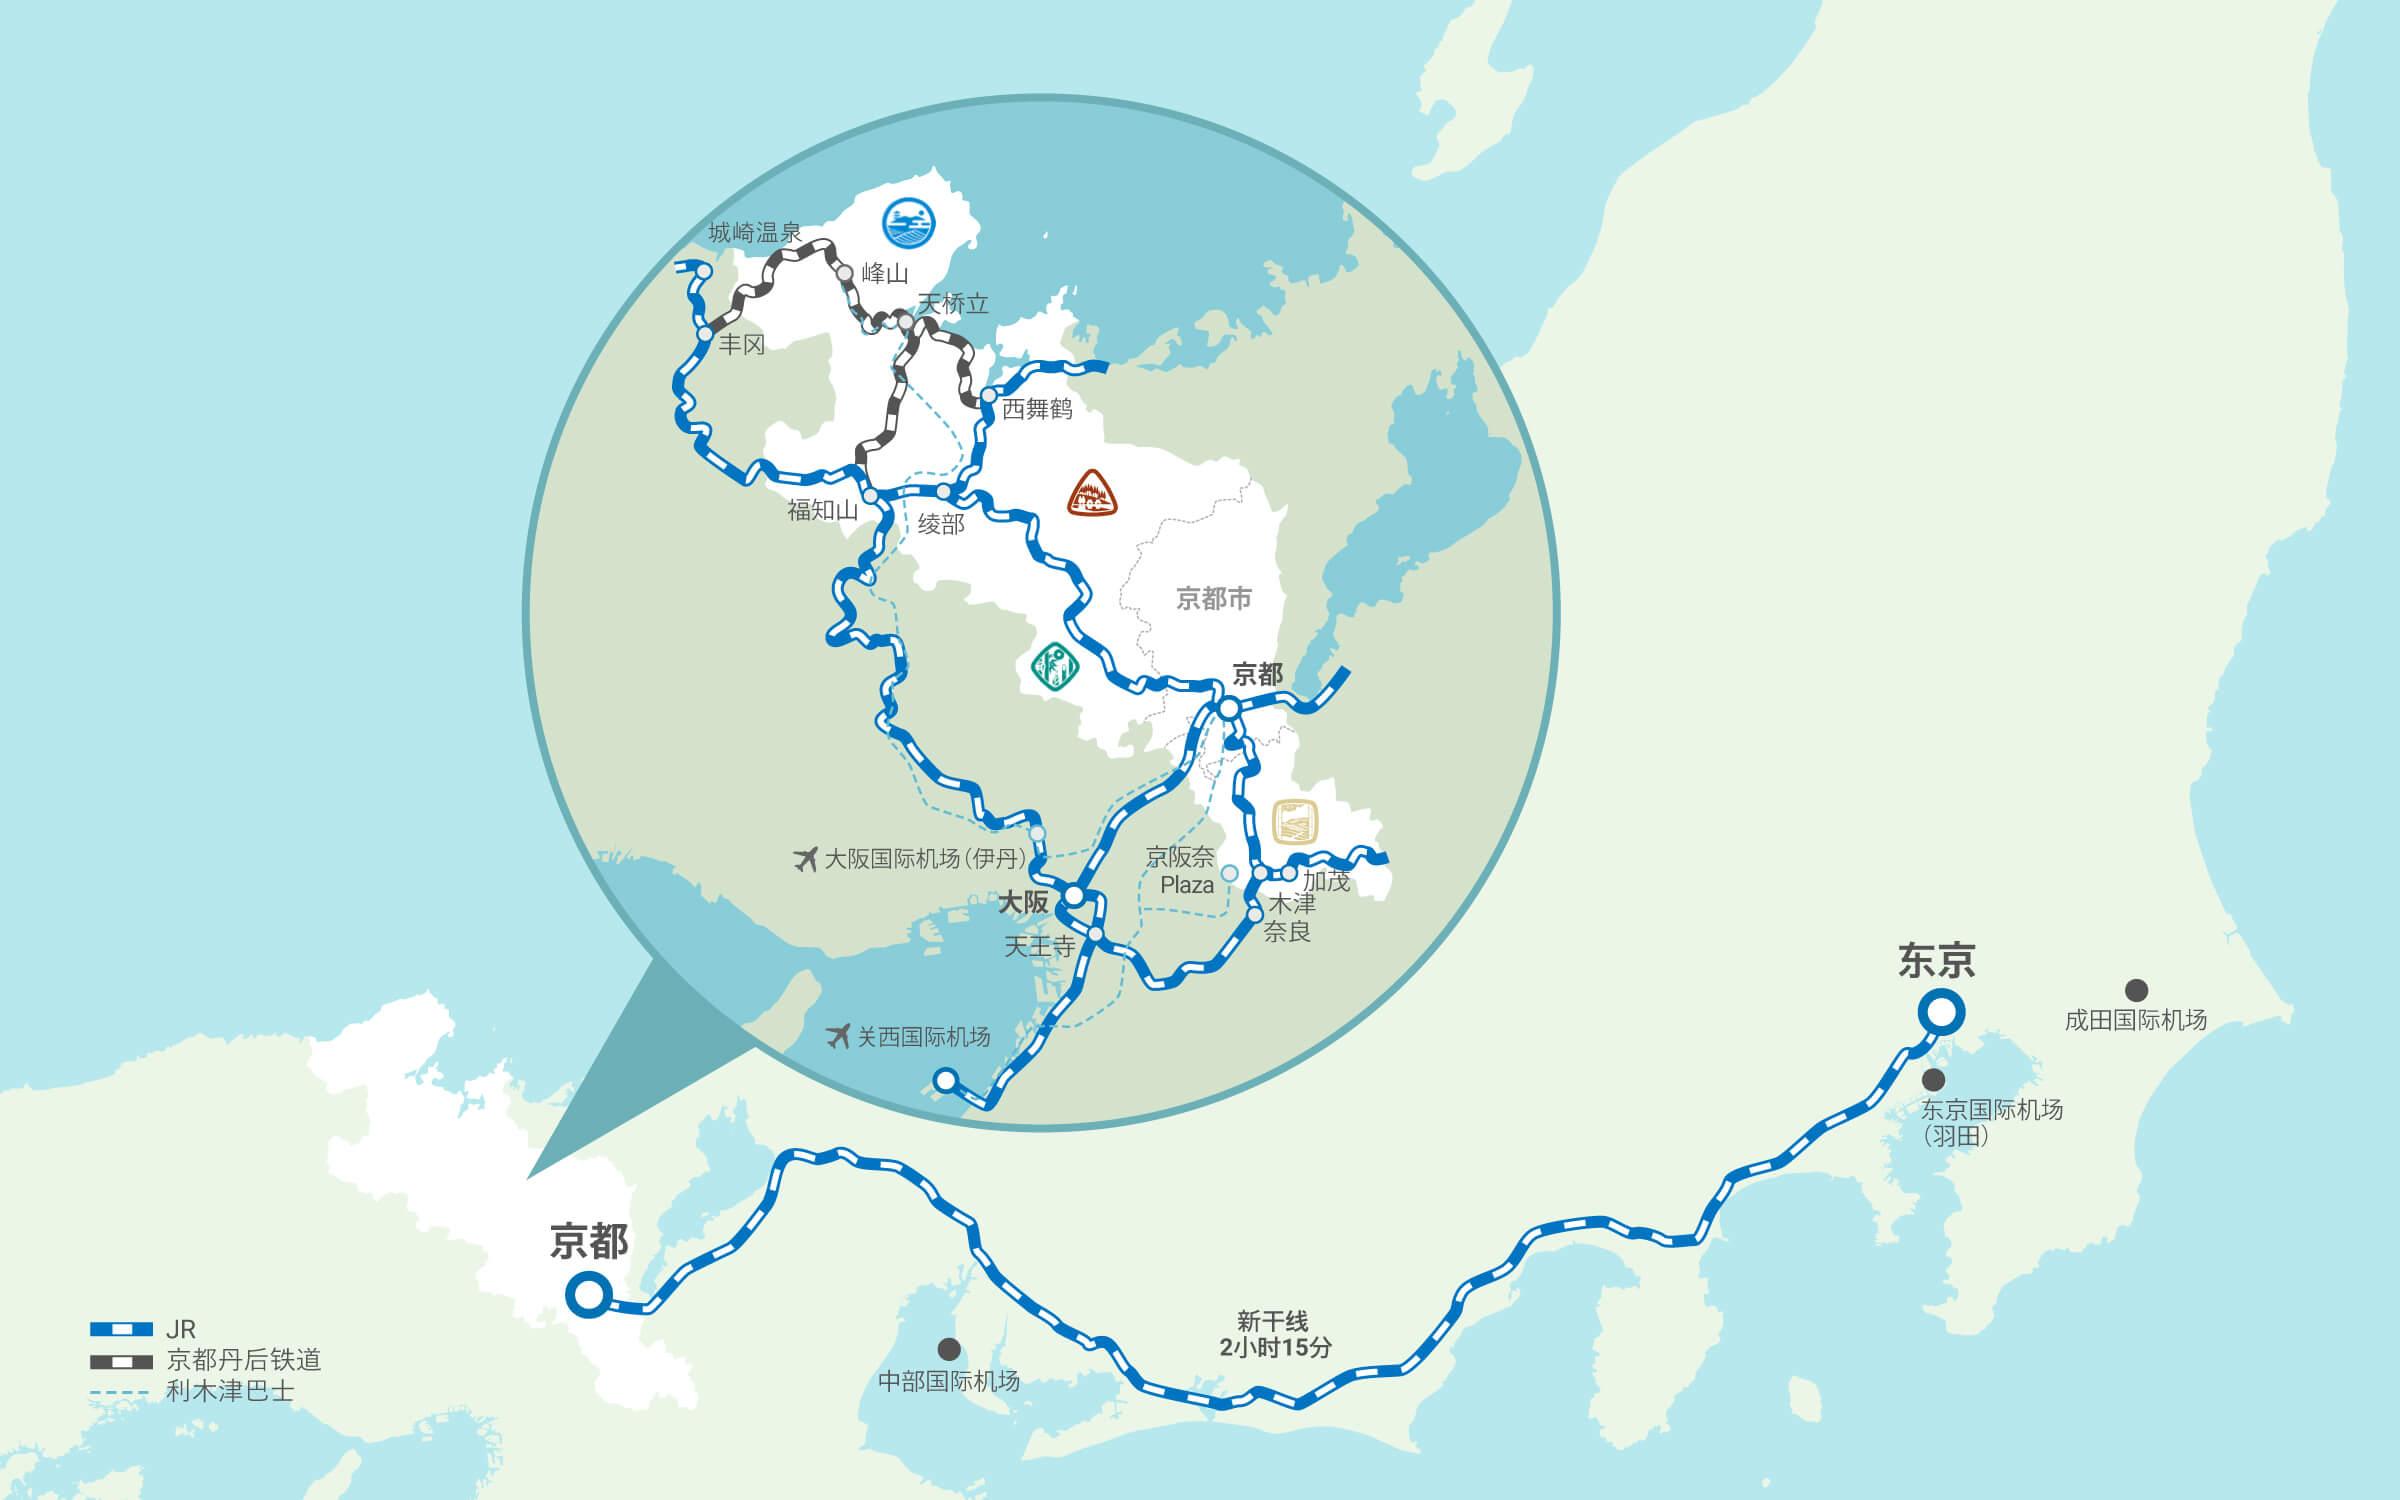 从邻近城市都京都的交通路线图